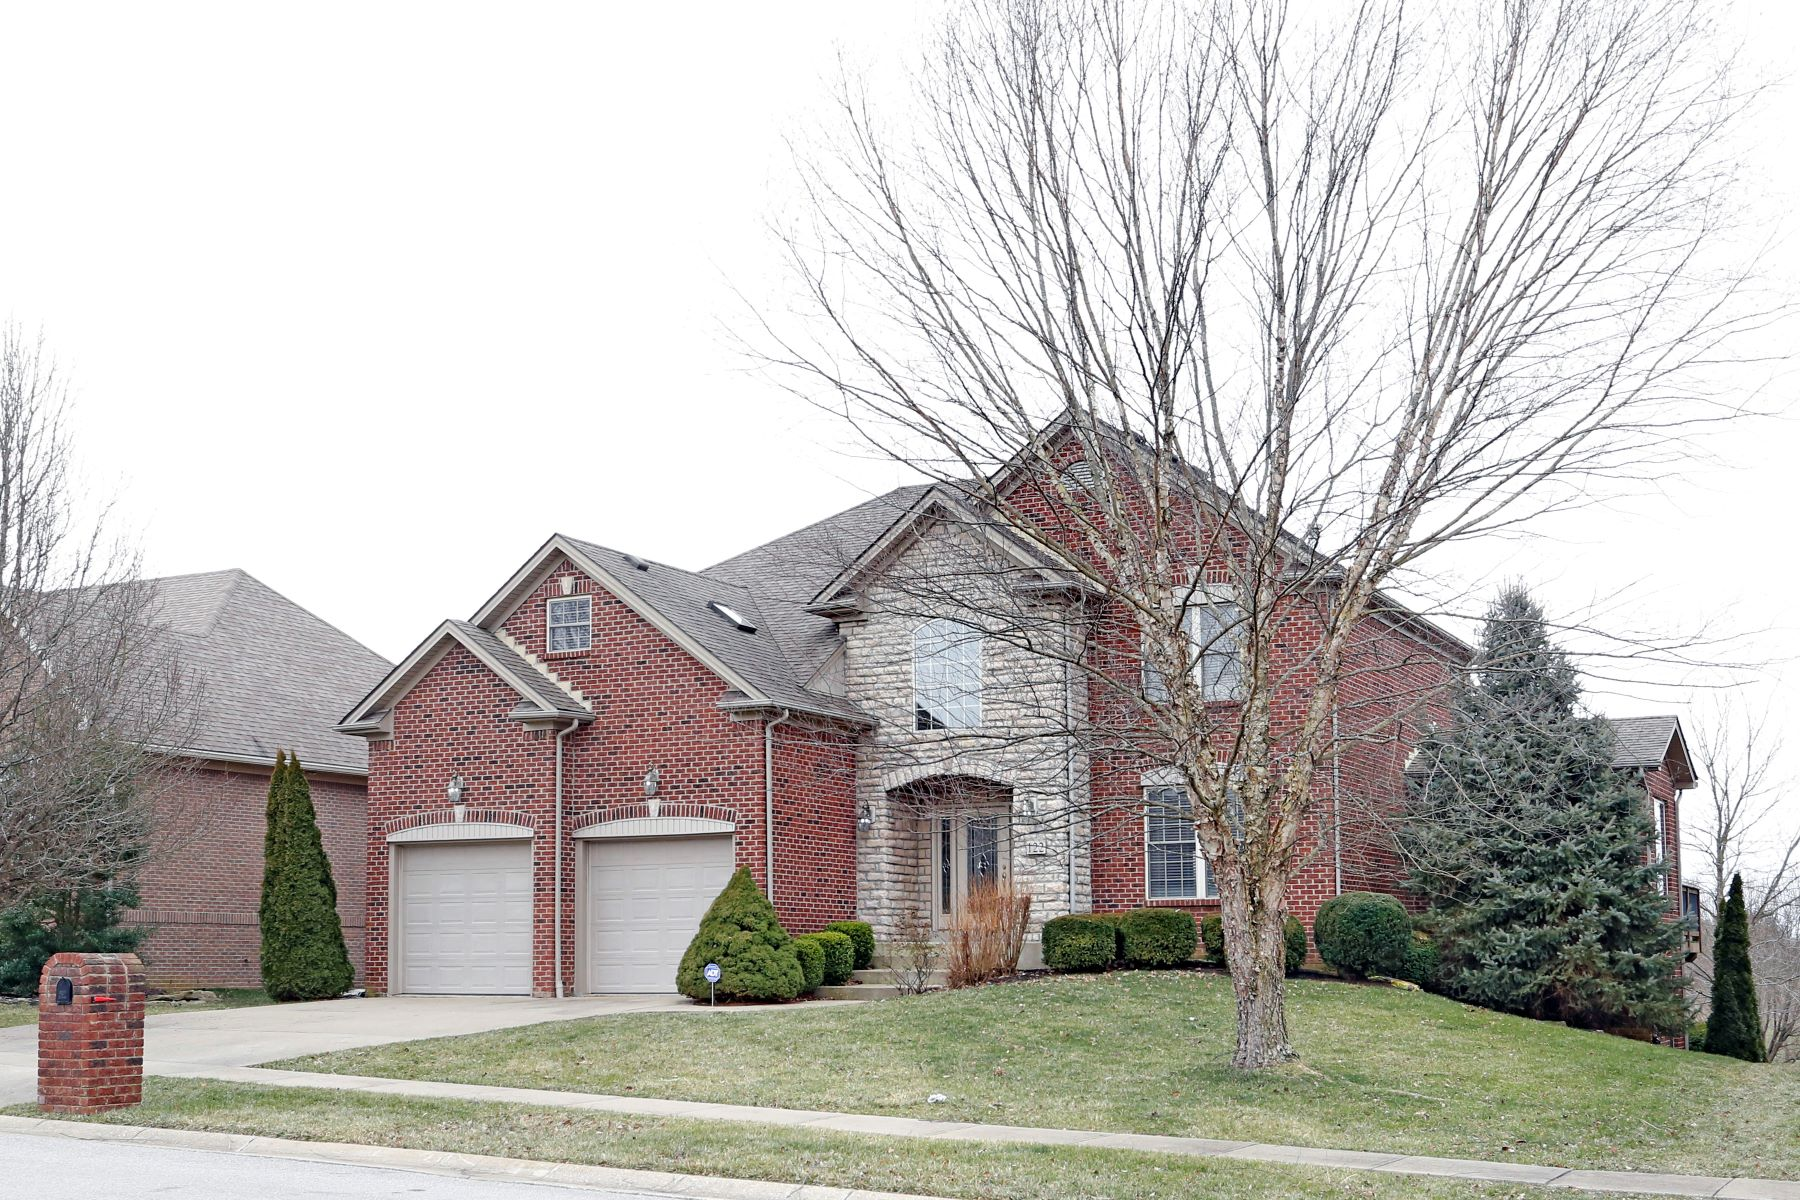 Частный односемейный дом для того Продажа на 122 Kingston Drive Georgetown, Кентукки 40324 Соединенные Штаты